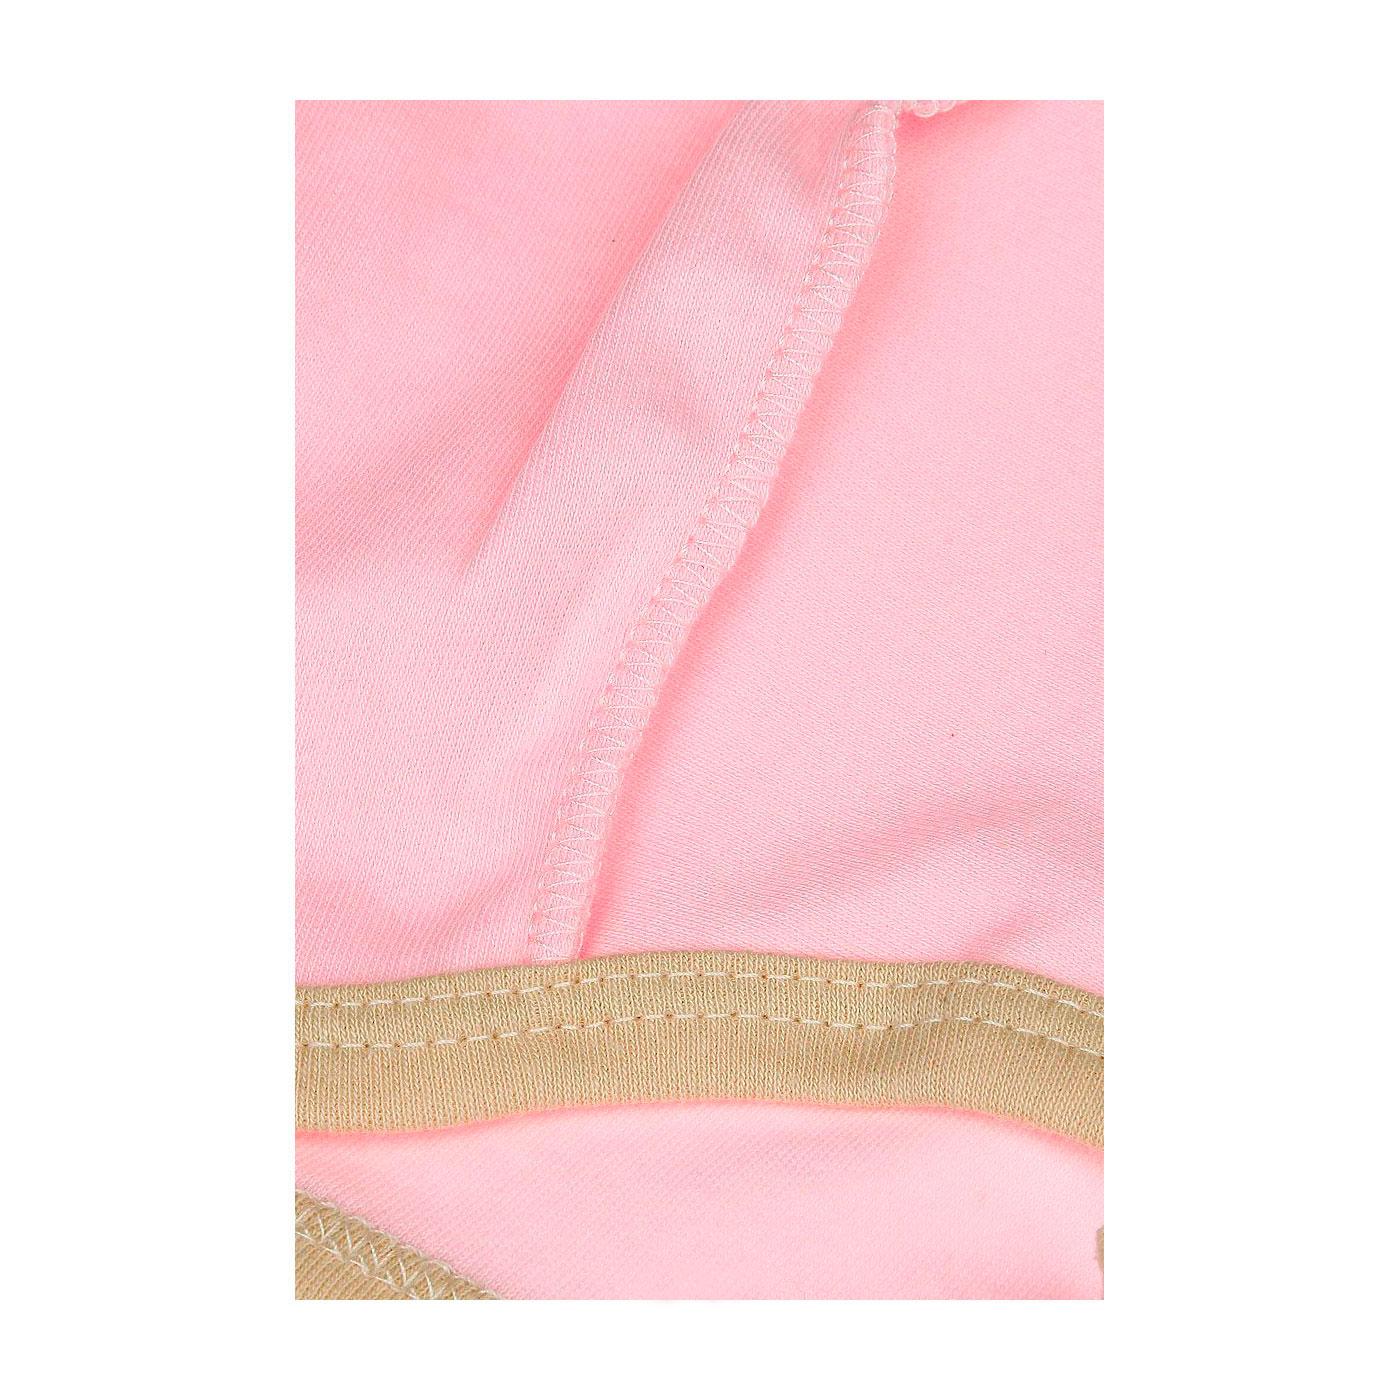 Чепчик Котмаркот Зайкина любовь размер 40 розовый (КОТМАРКОТ)